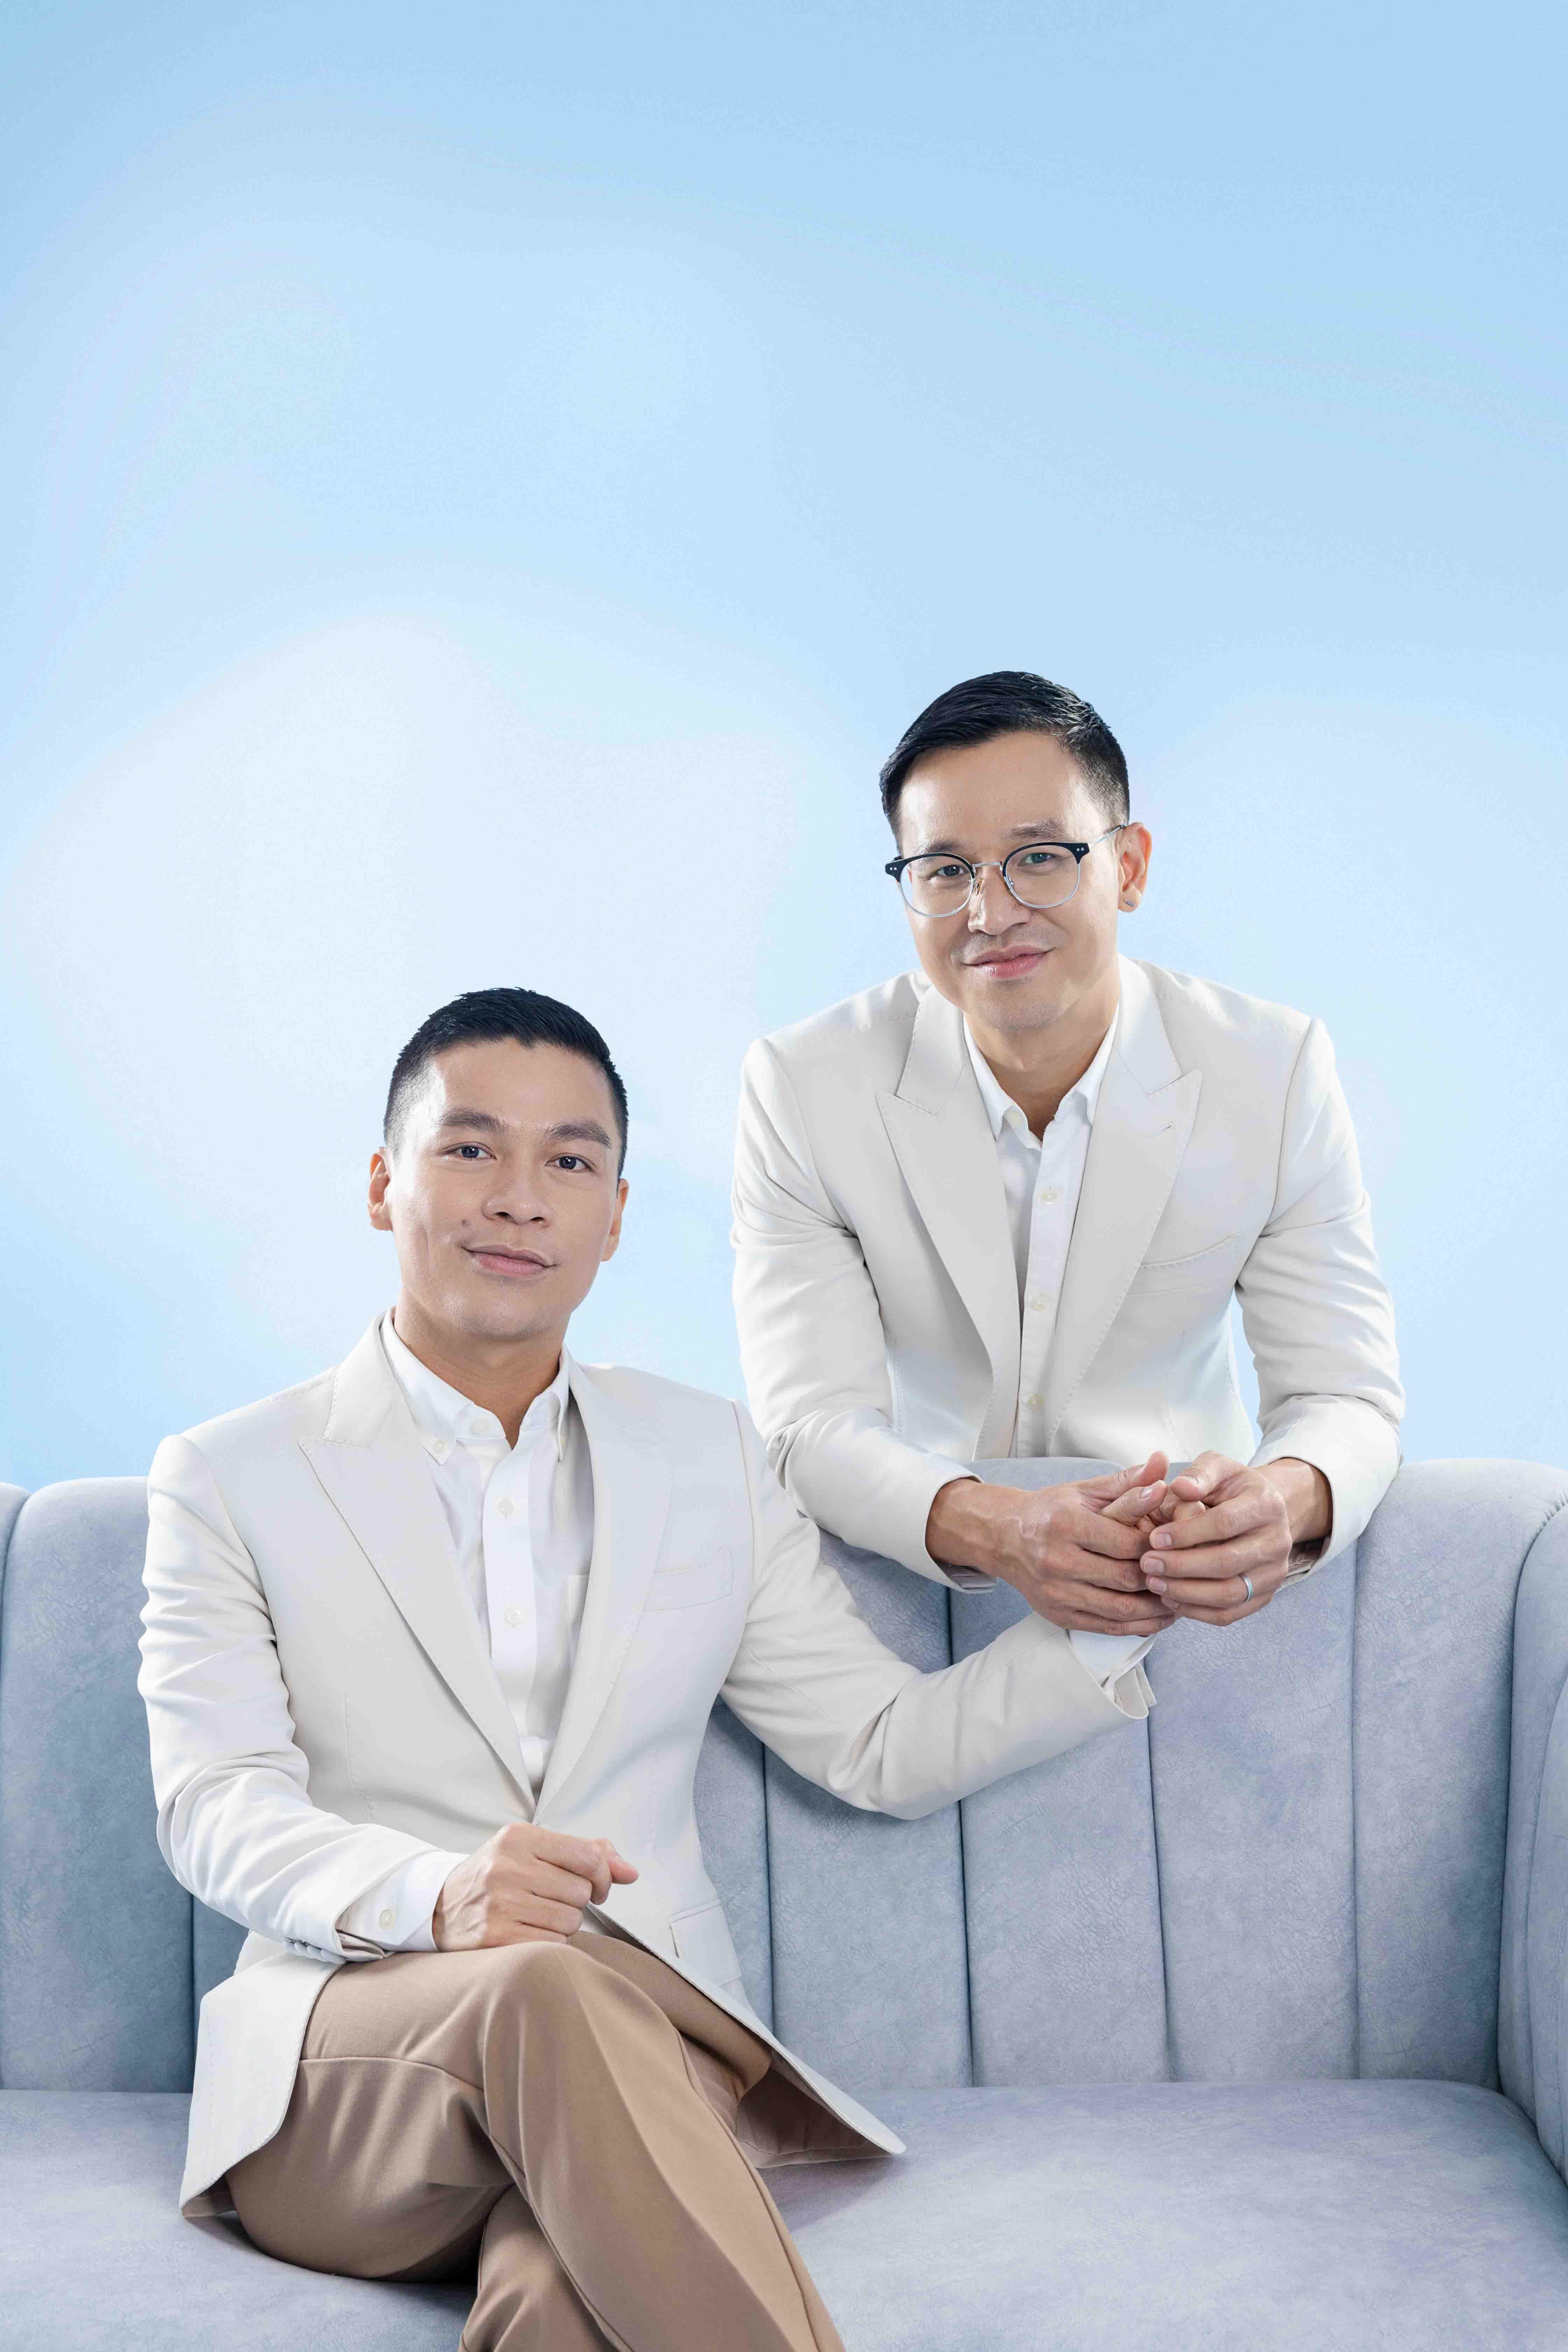 cặp đôi Sơn Đoàn và Adrian Anh Tuấn nói về kiến thức